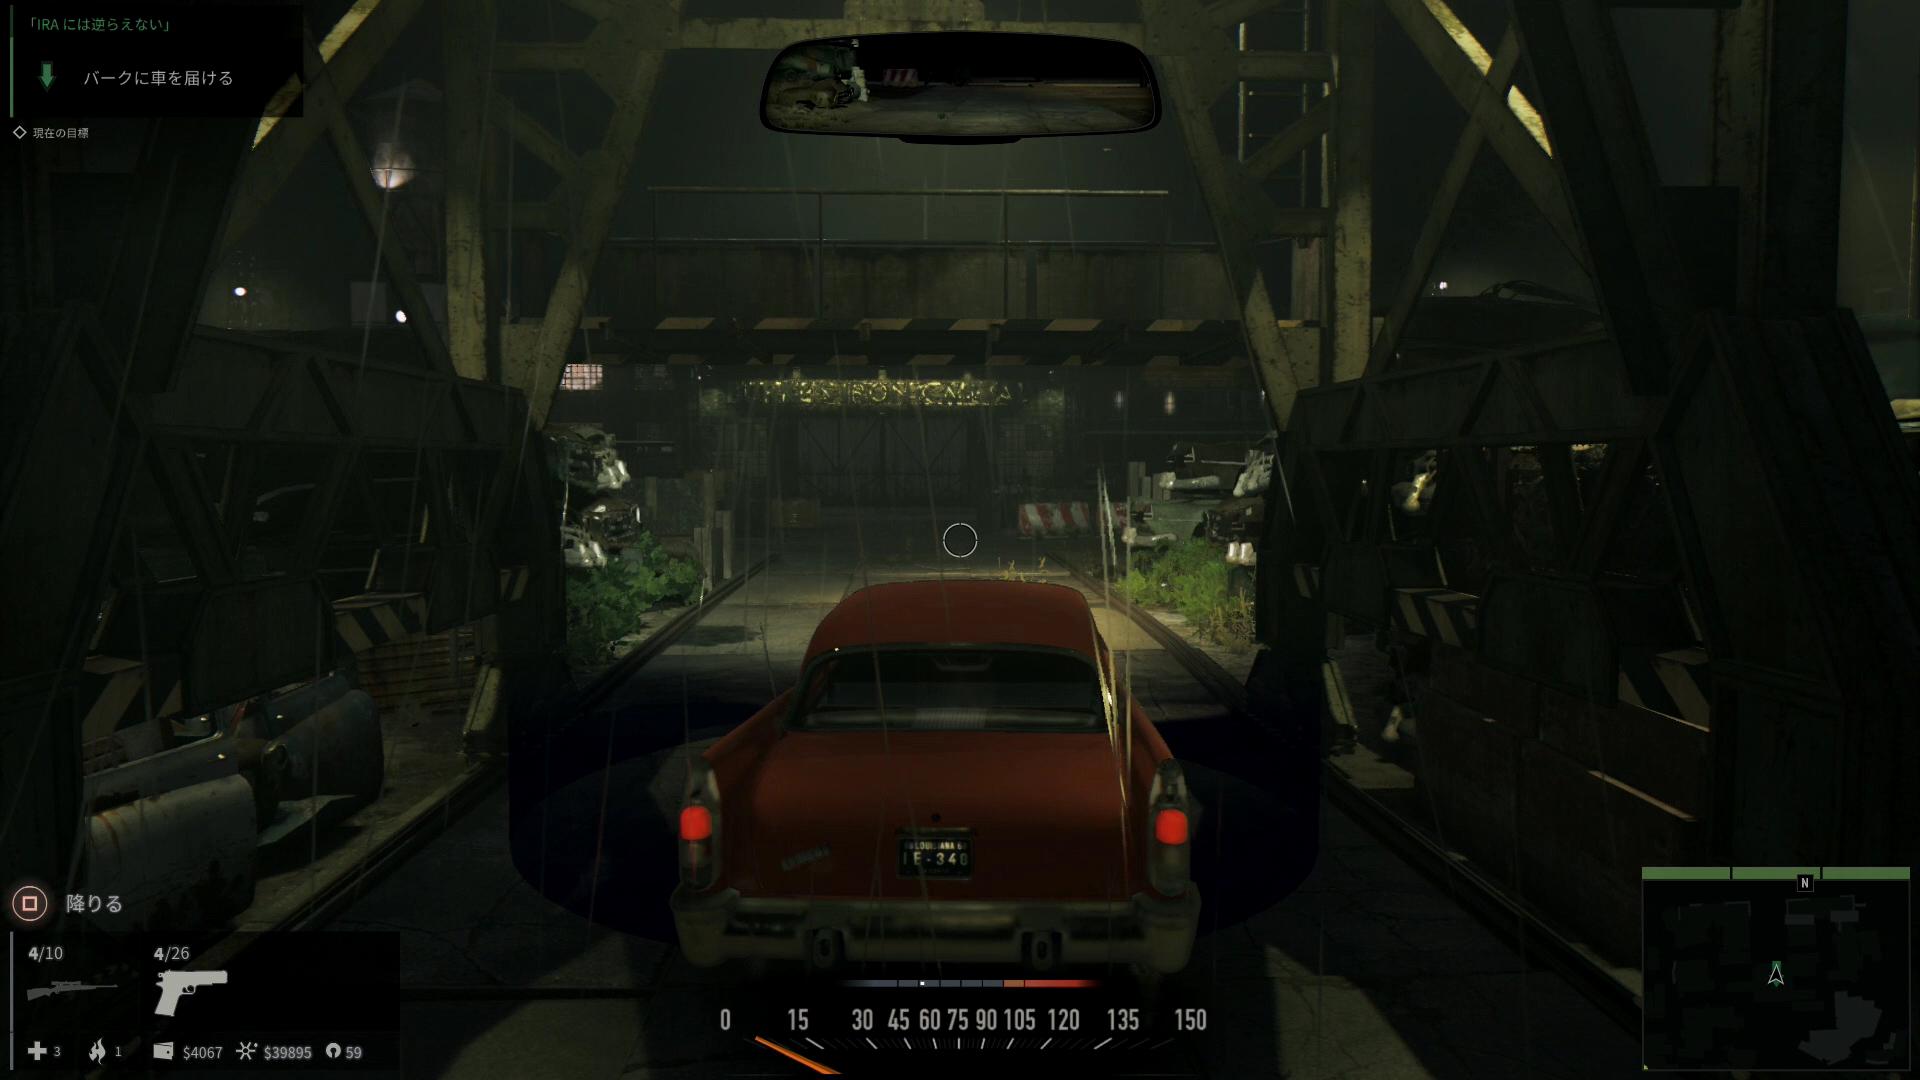 バークのサブミッション「IRAには逆らえない」は、街中にあるオレンジ色のサムソン リッチモンドラックスを3台見つけて運んでくるという車泥棒の仕事だ